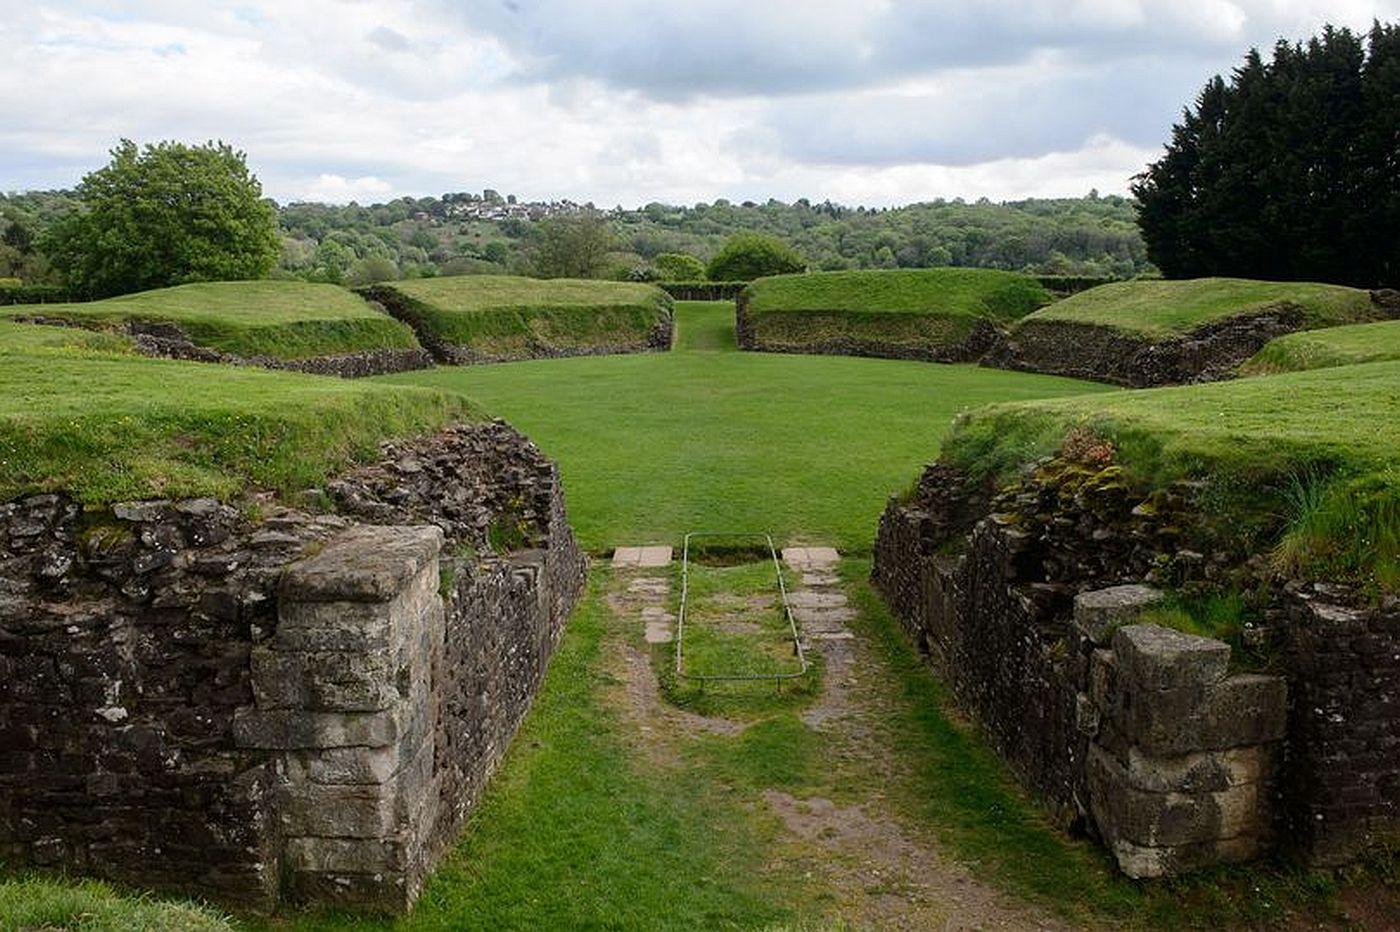 Amfiteatr rzymski w Caerleon